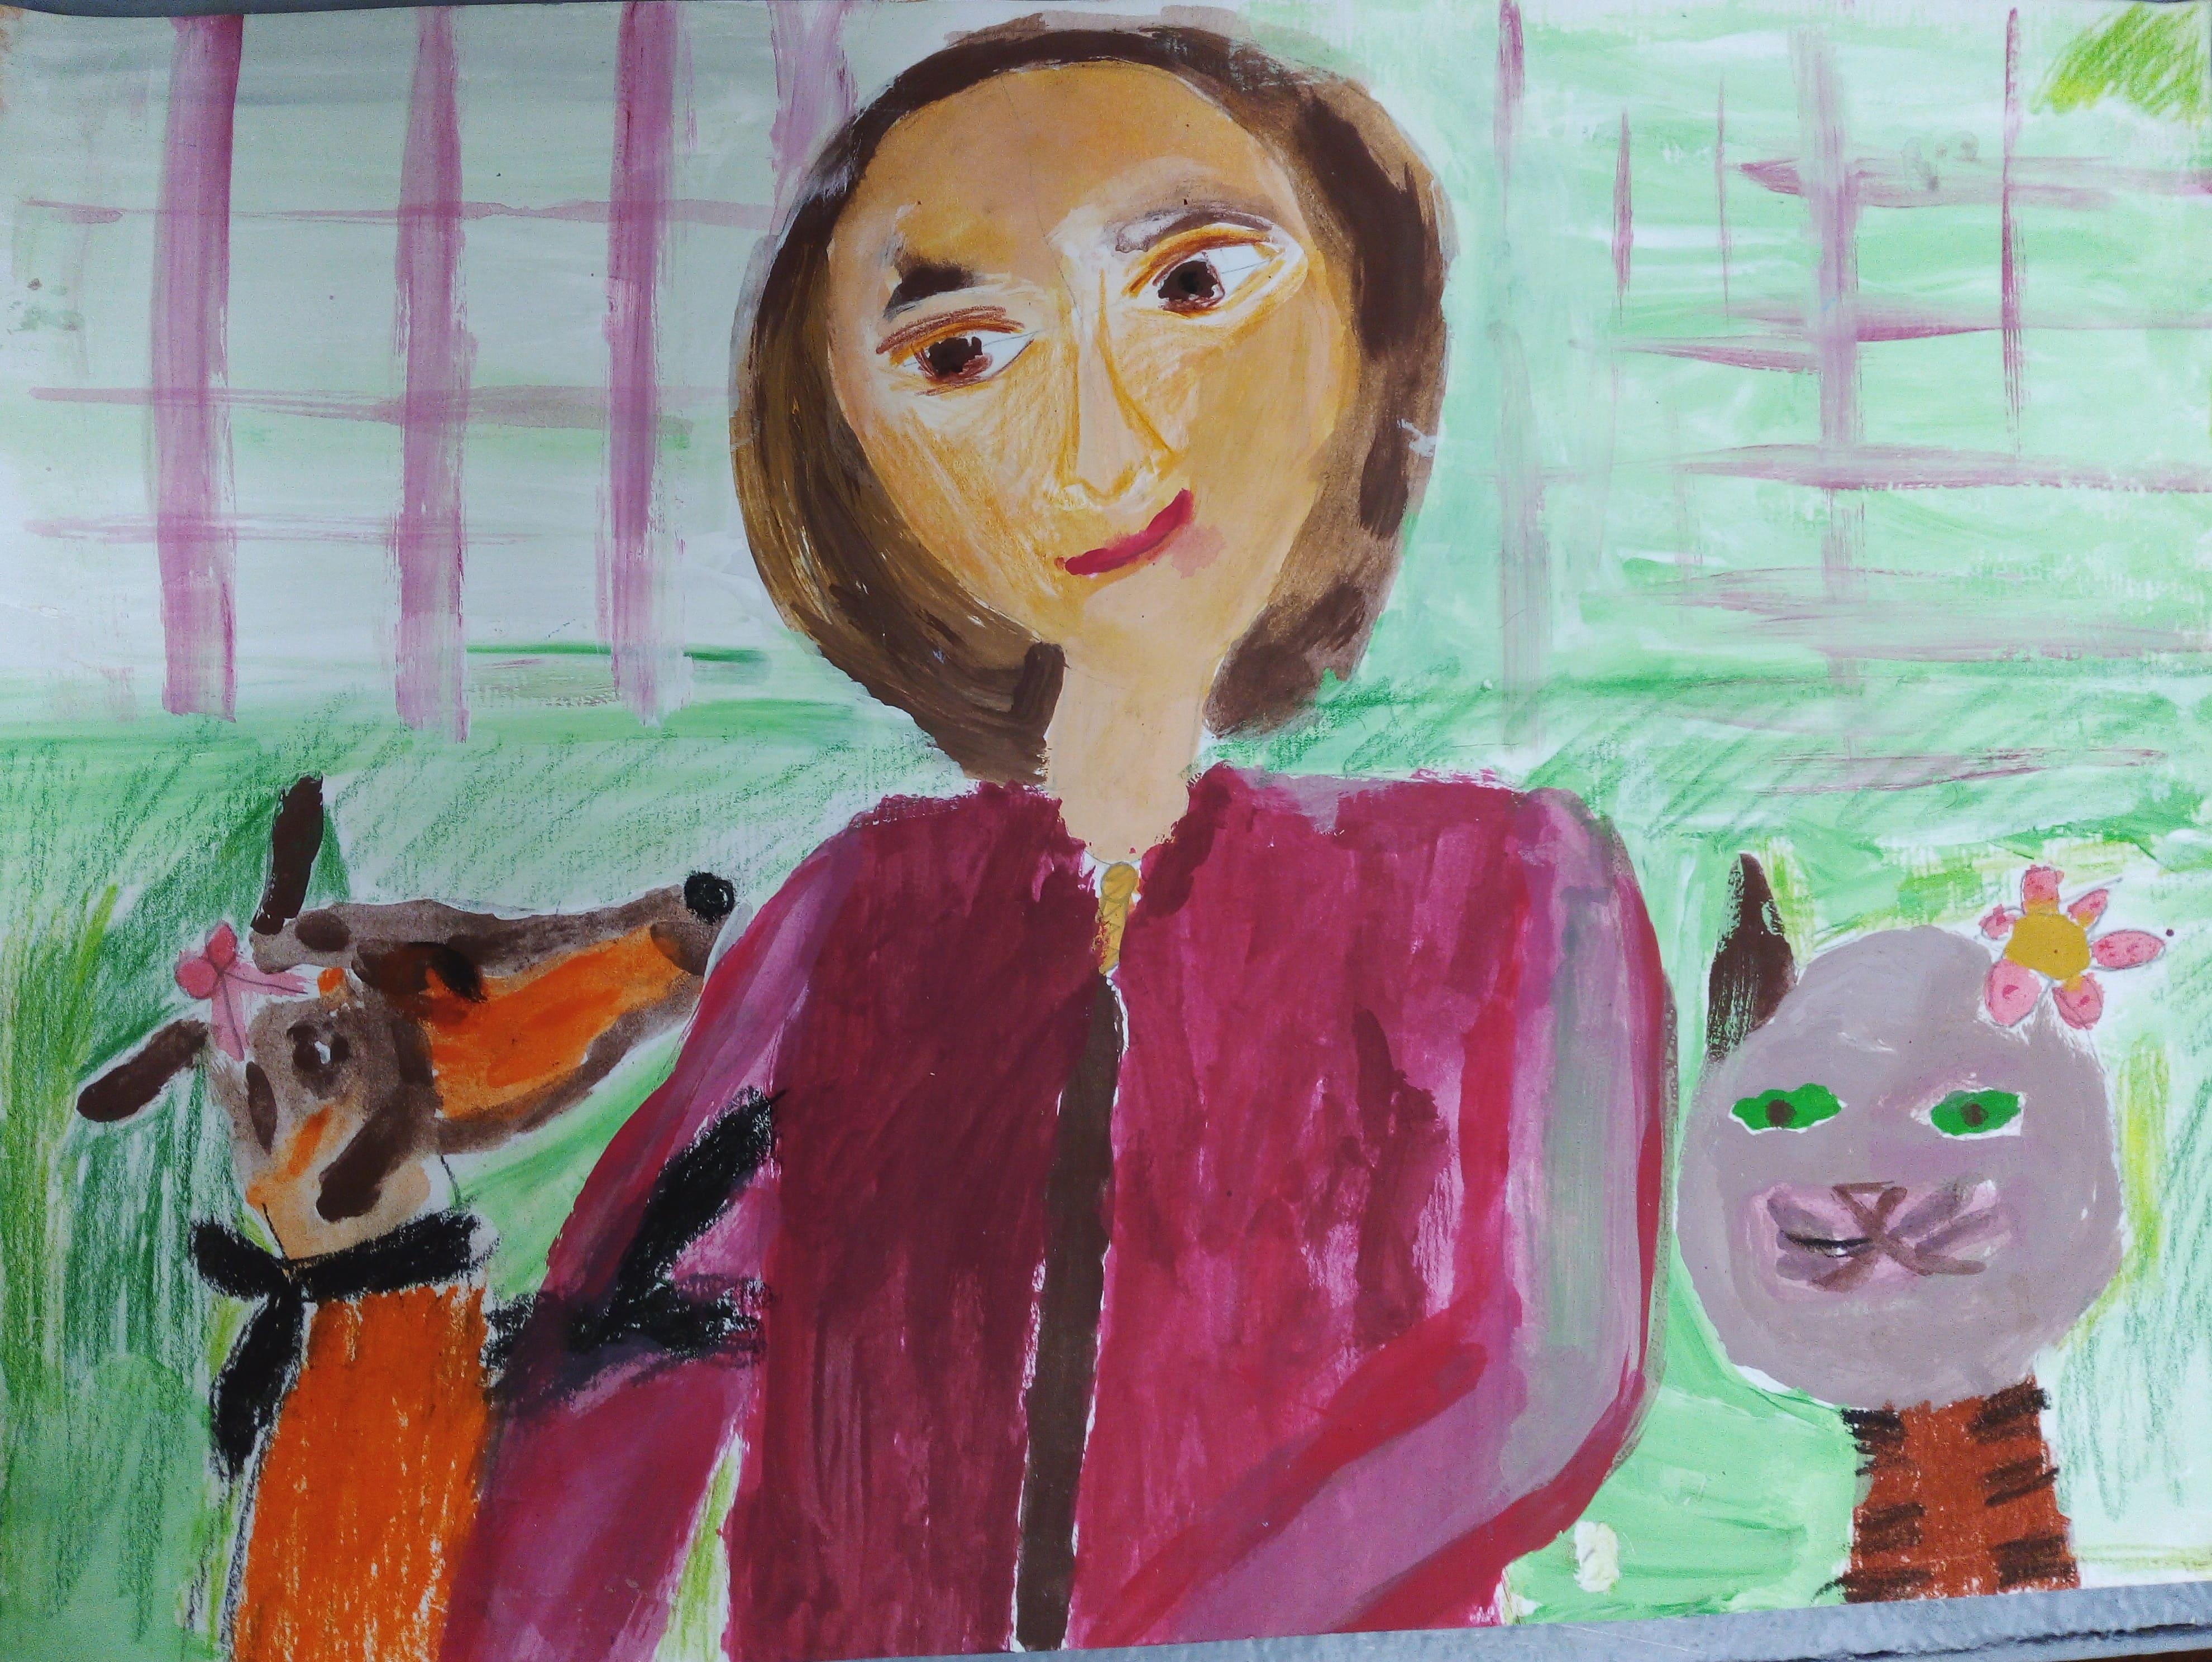 Таланкина Валерия 8 лет